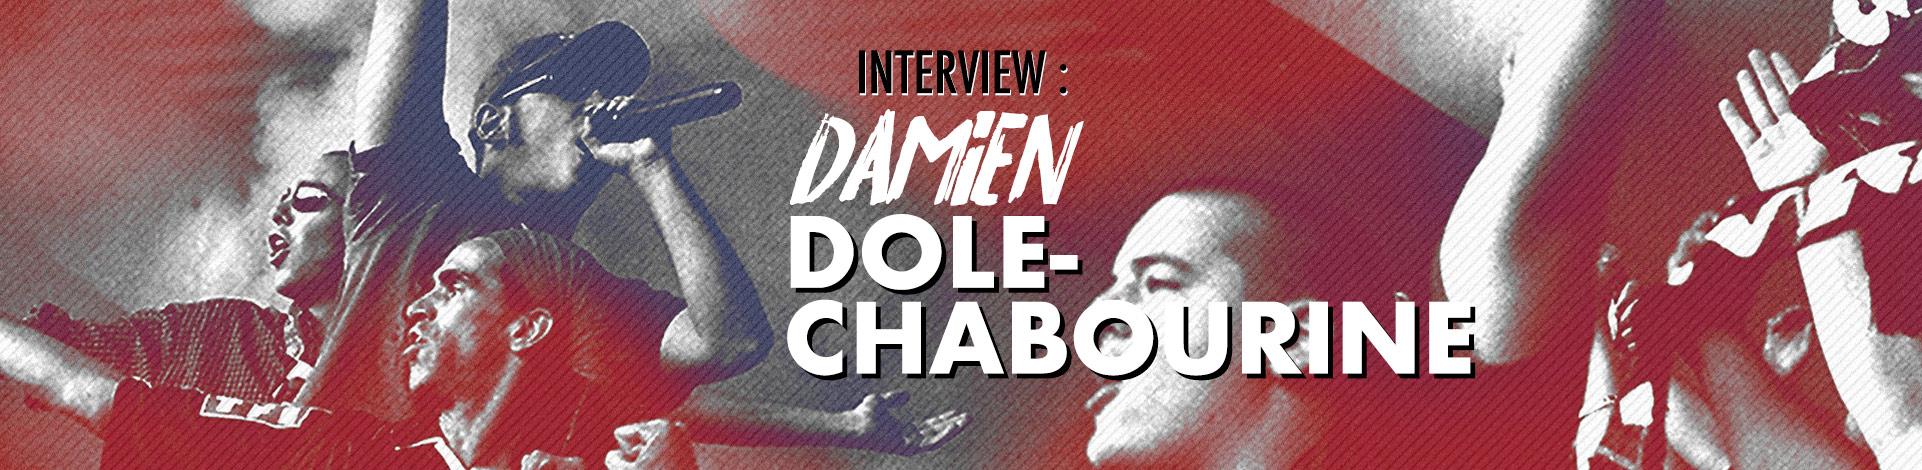 Damien Dole Paris dans les veines virage